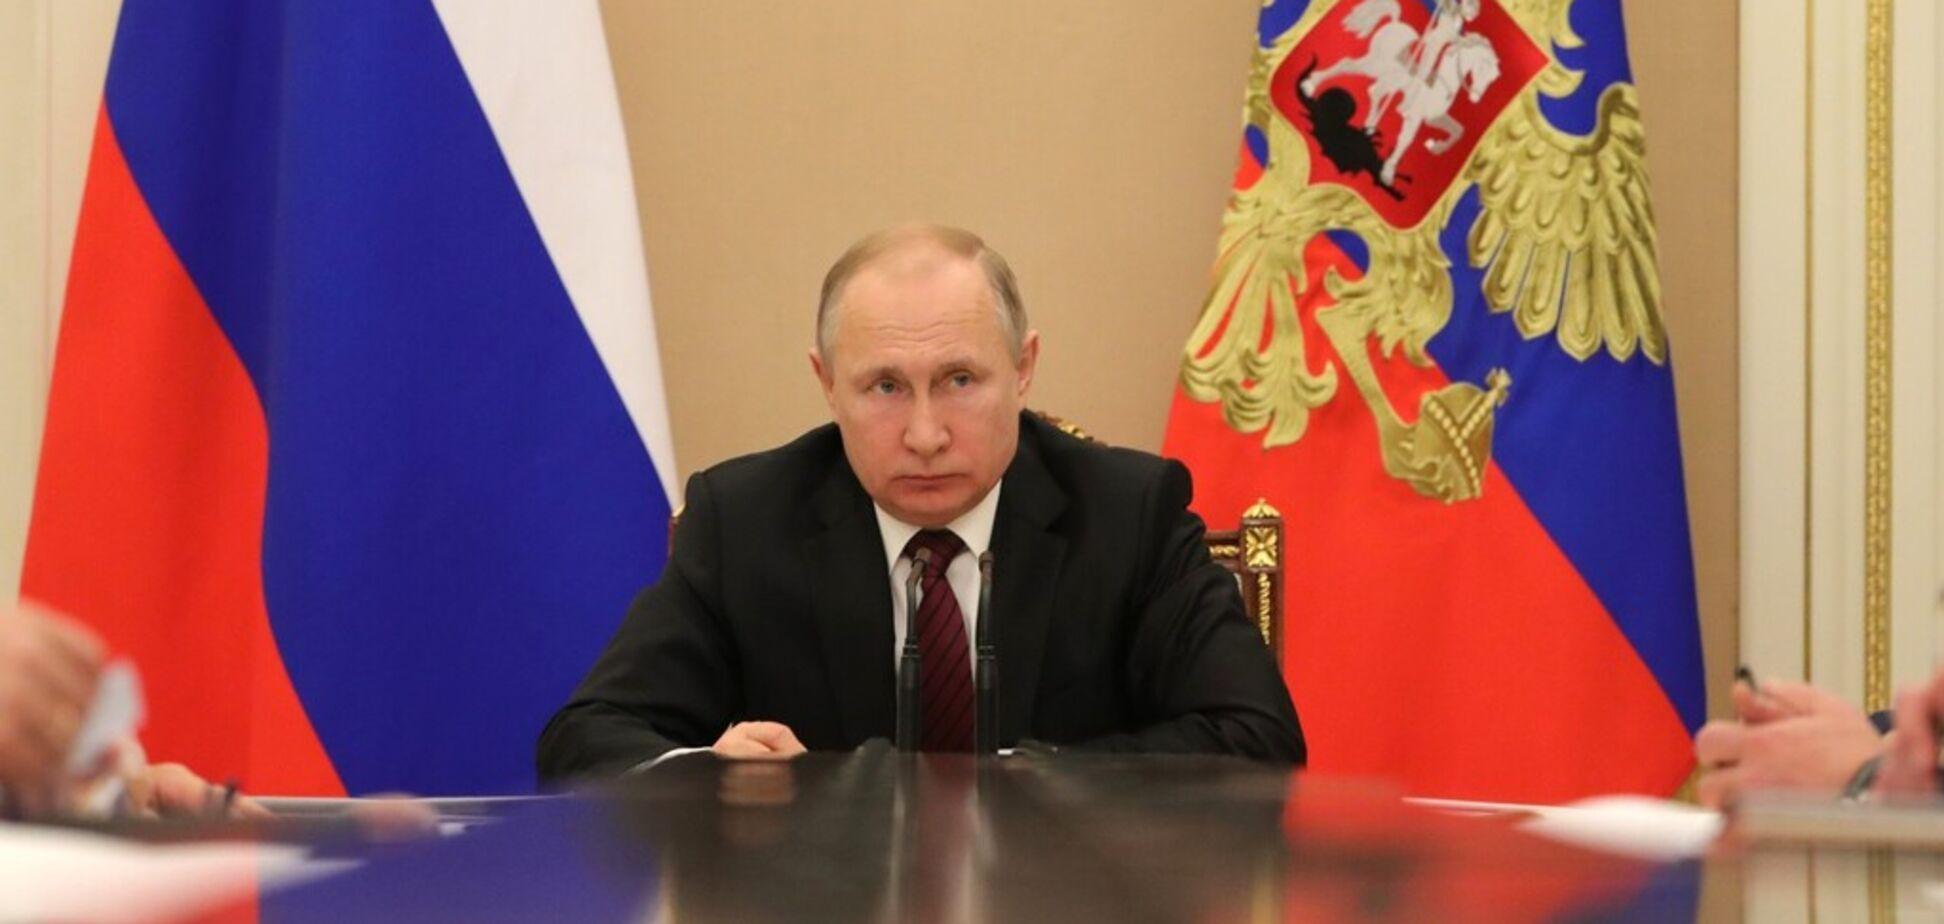 'Нет войне с Украиной!' Россияне устроили дерзкую акцию под носом у Путина